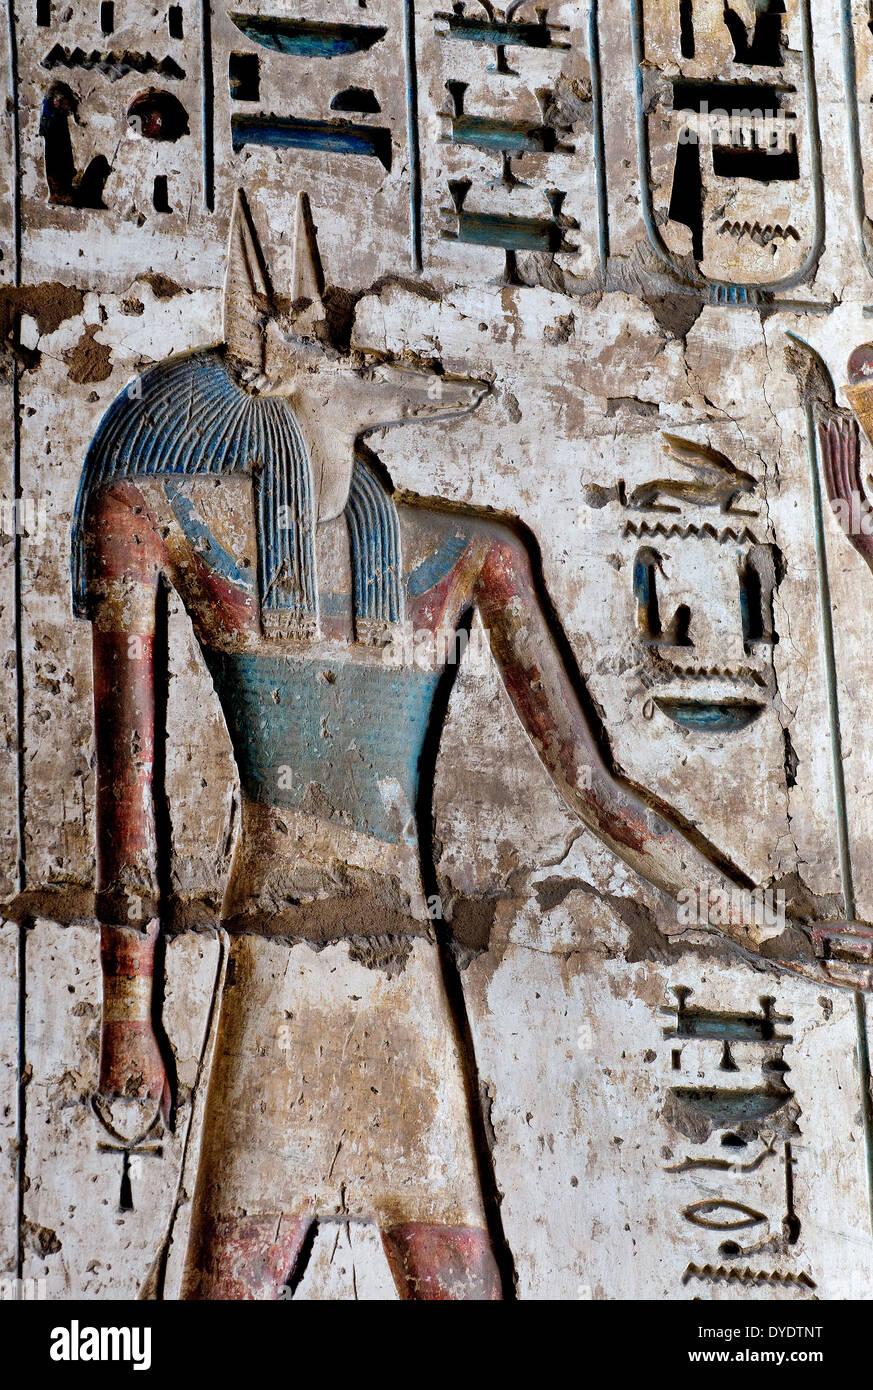 Giant Anubis Statues Ancient Egypt Stock Photos & Giant